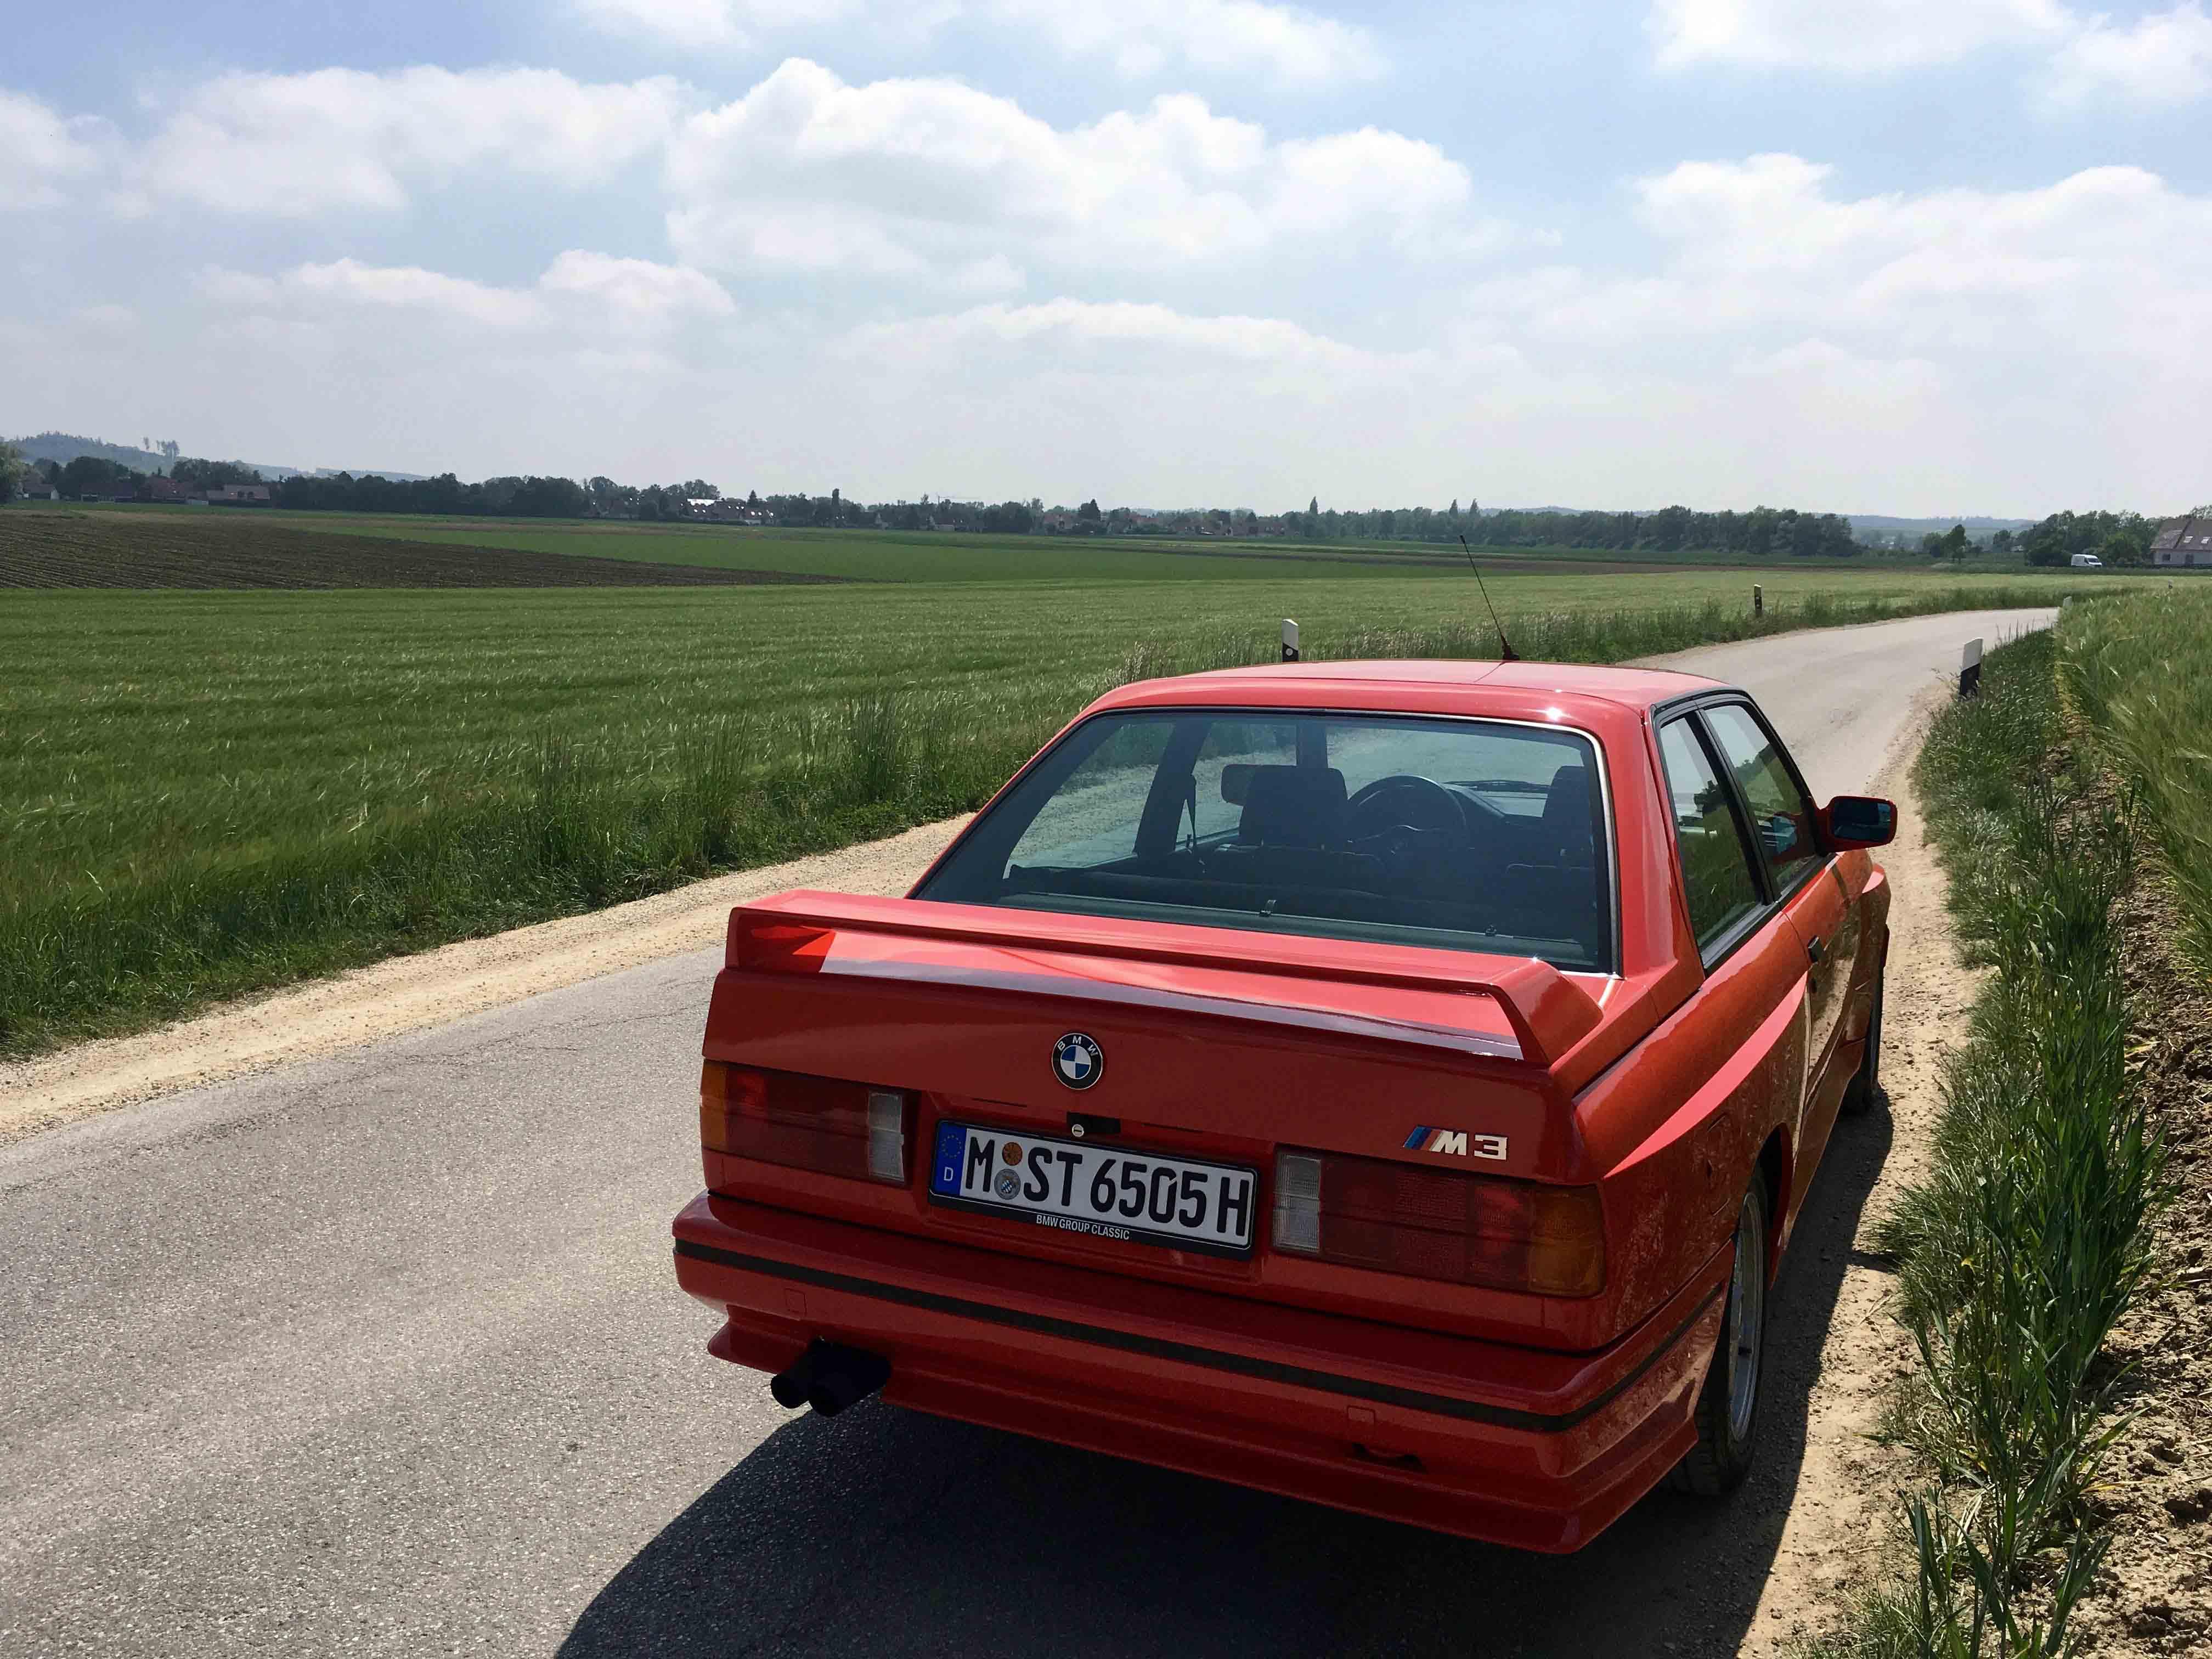 1987 BMW M3 two lane road rear